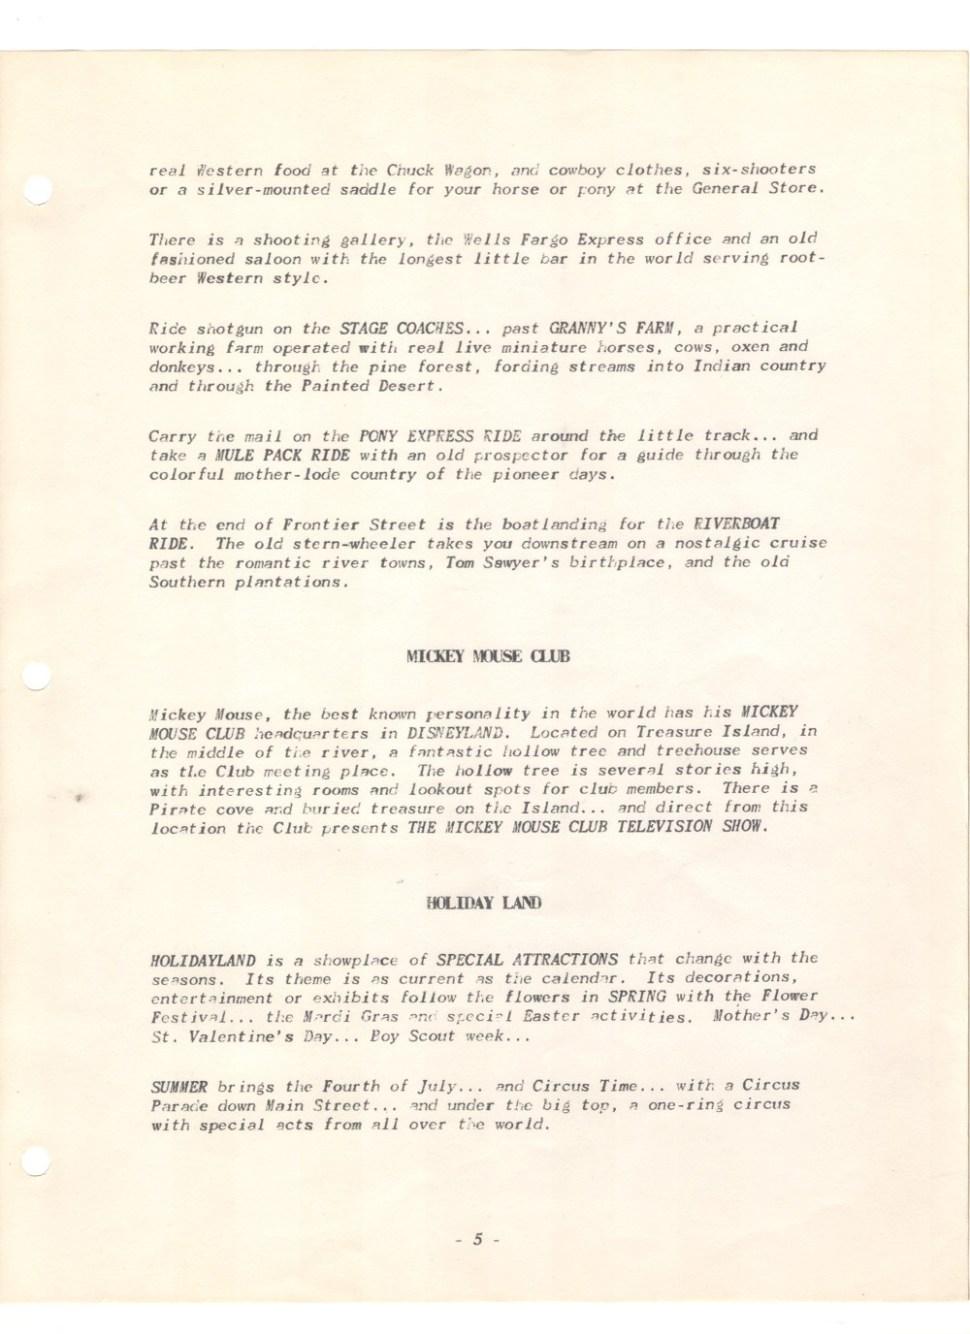 disneyland prospectus-09